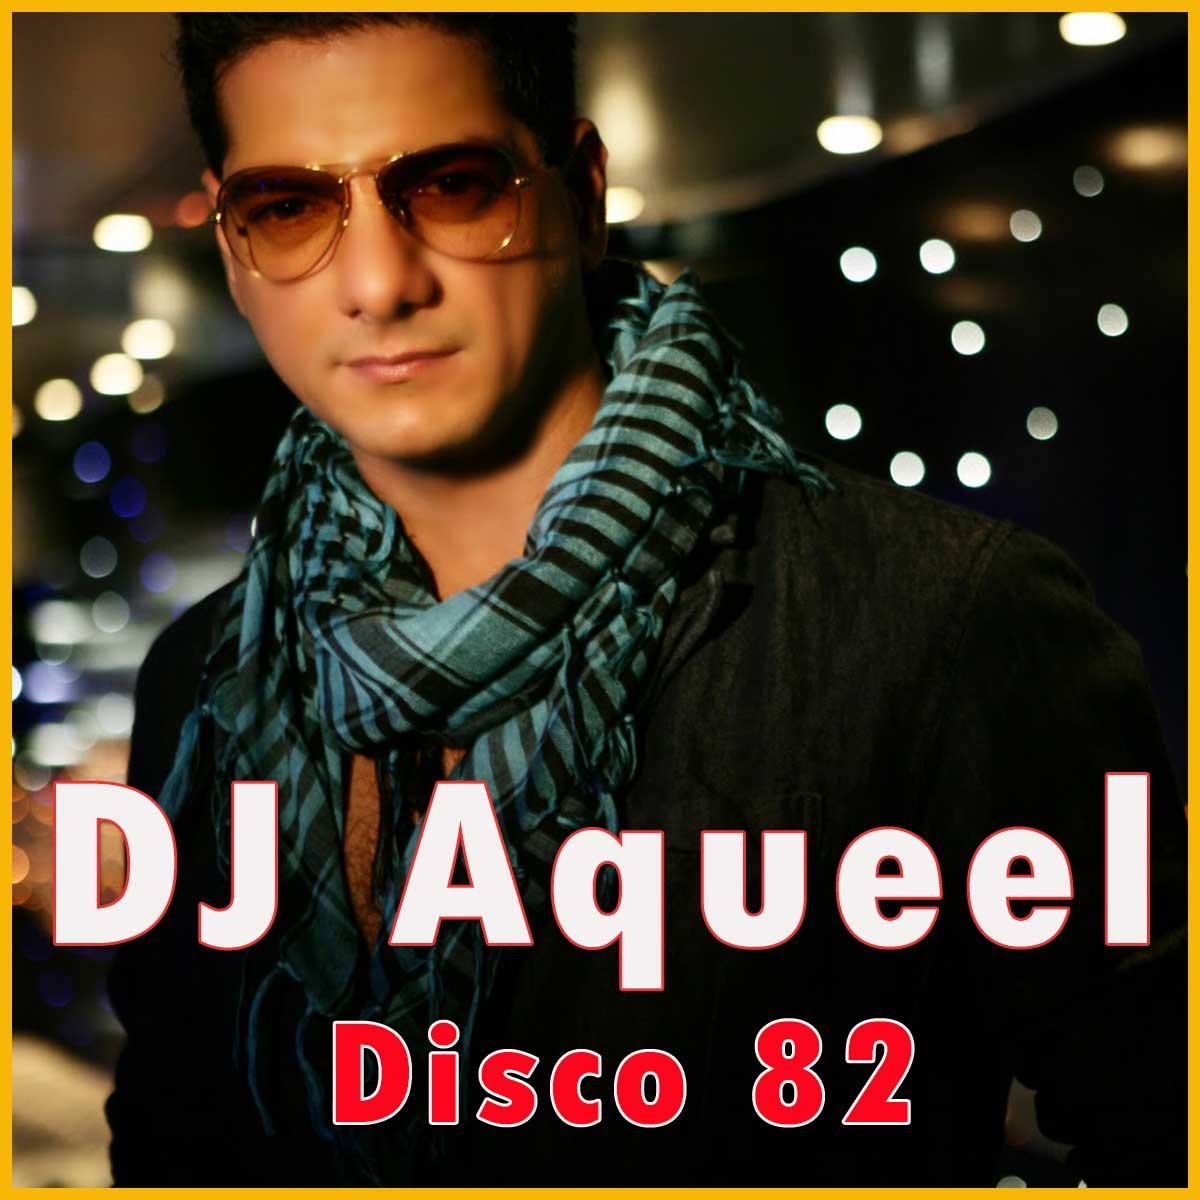 Dj Manoj Aafwa Gujarati 2018 2: Disco 82 (Remix) Dj Aqueel Video Karaoke With Lyrics